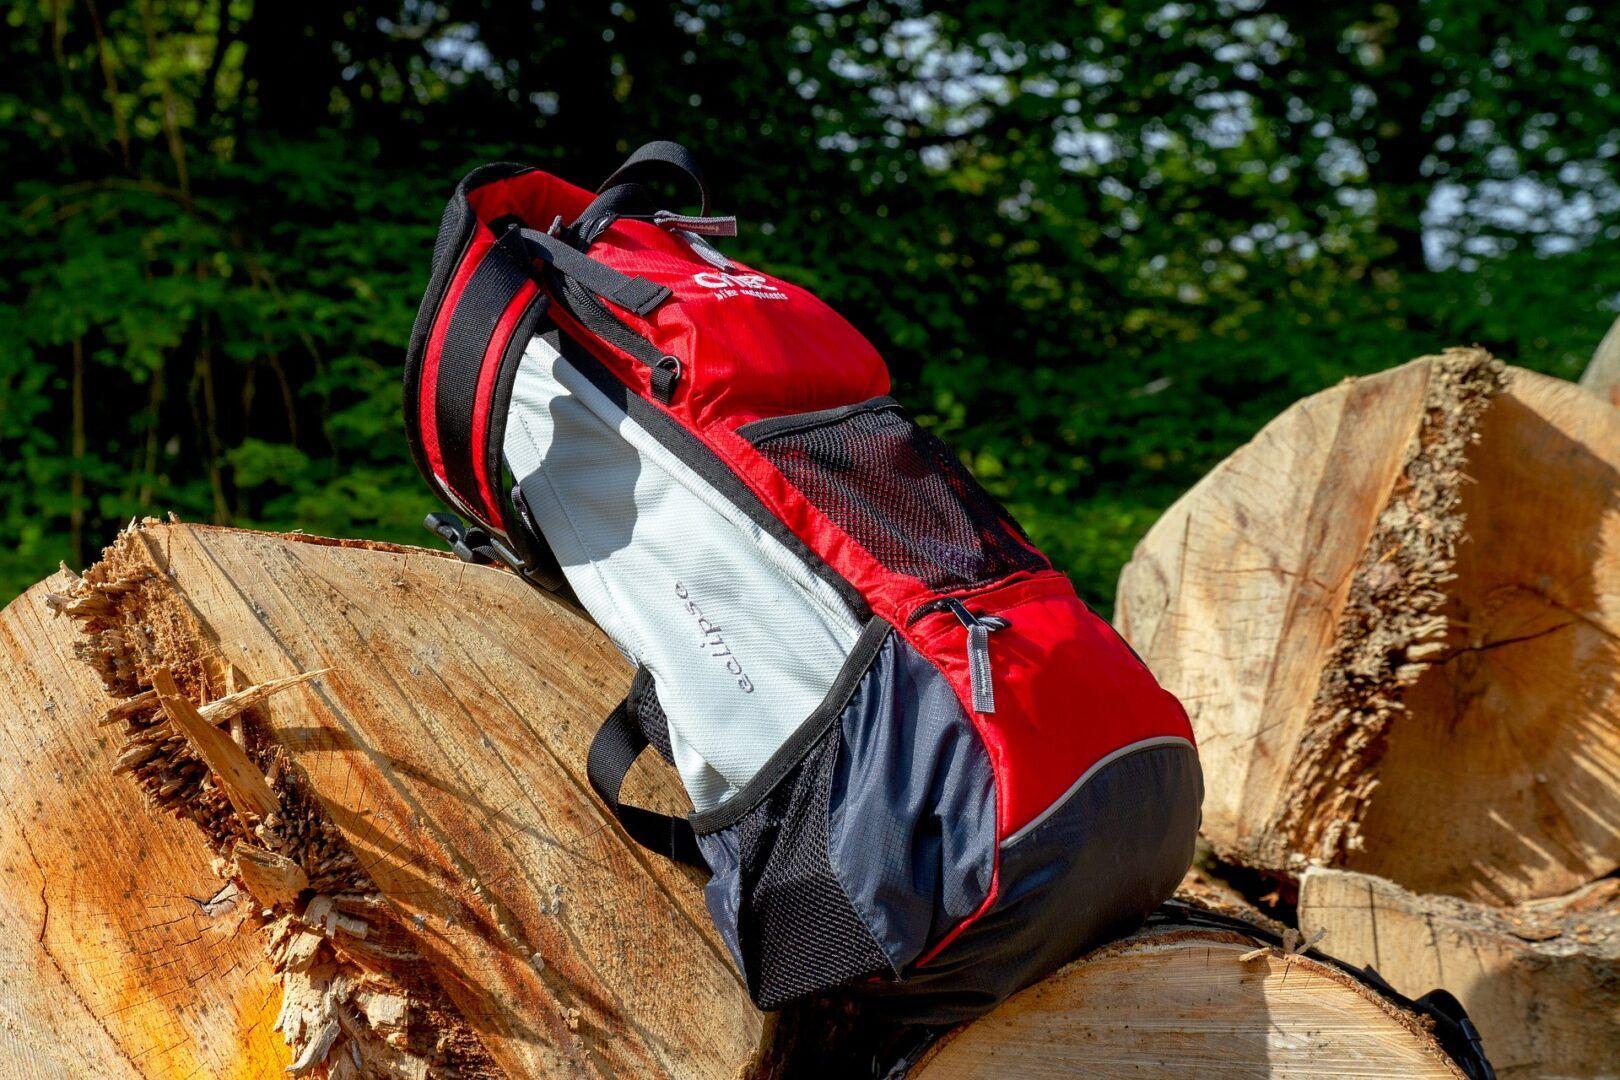 Fotografia de uma mochila esportiva para ilustração do item